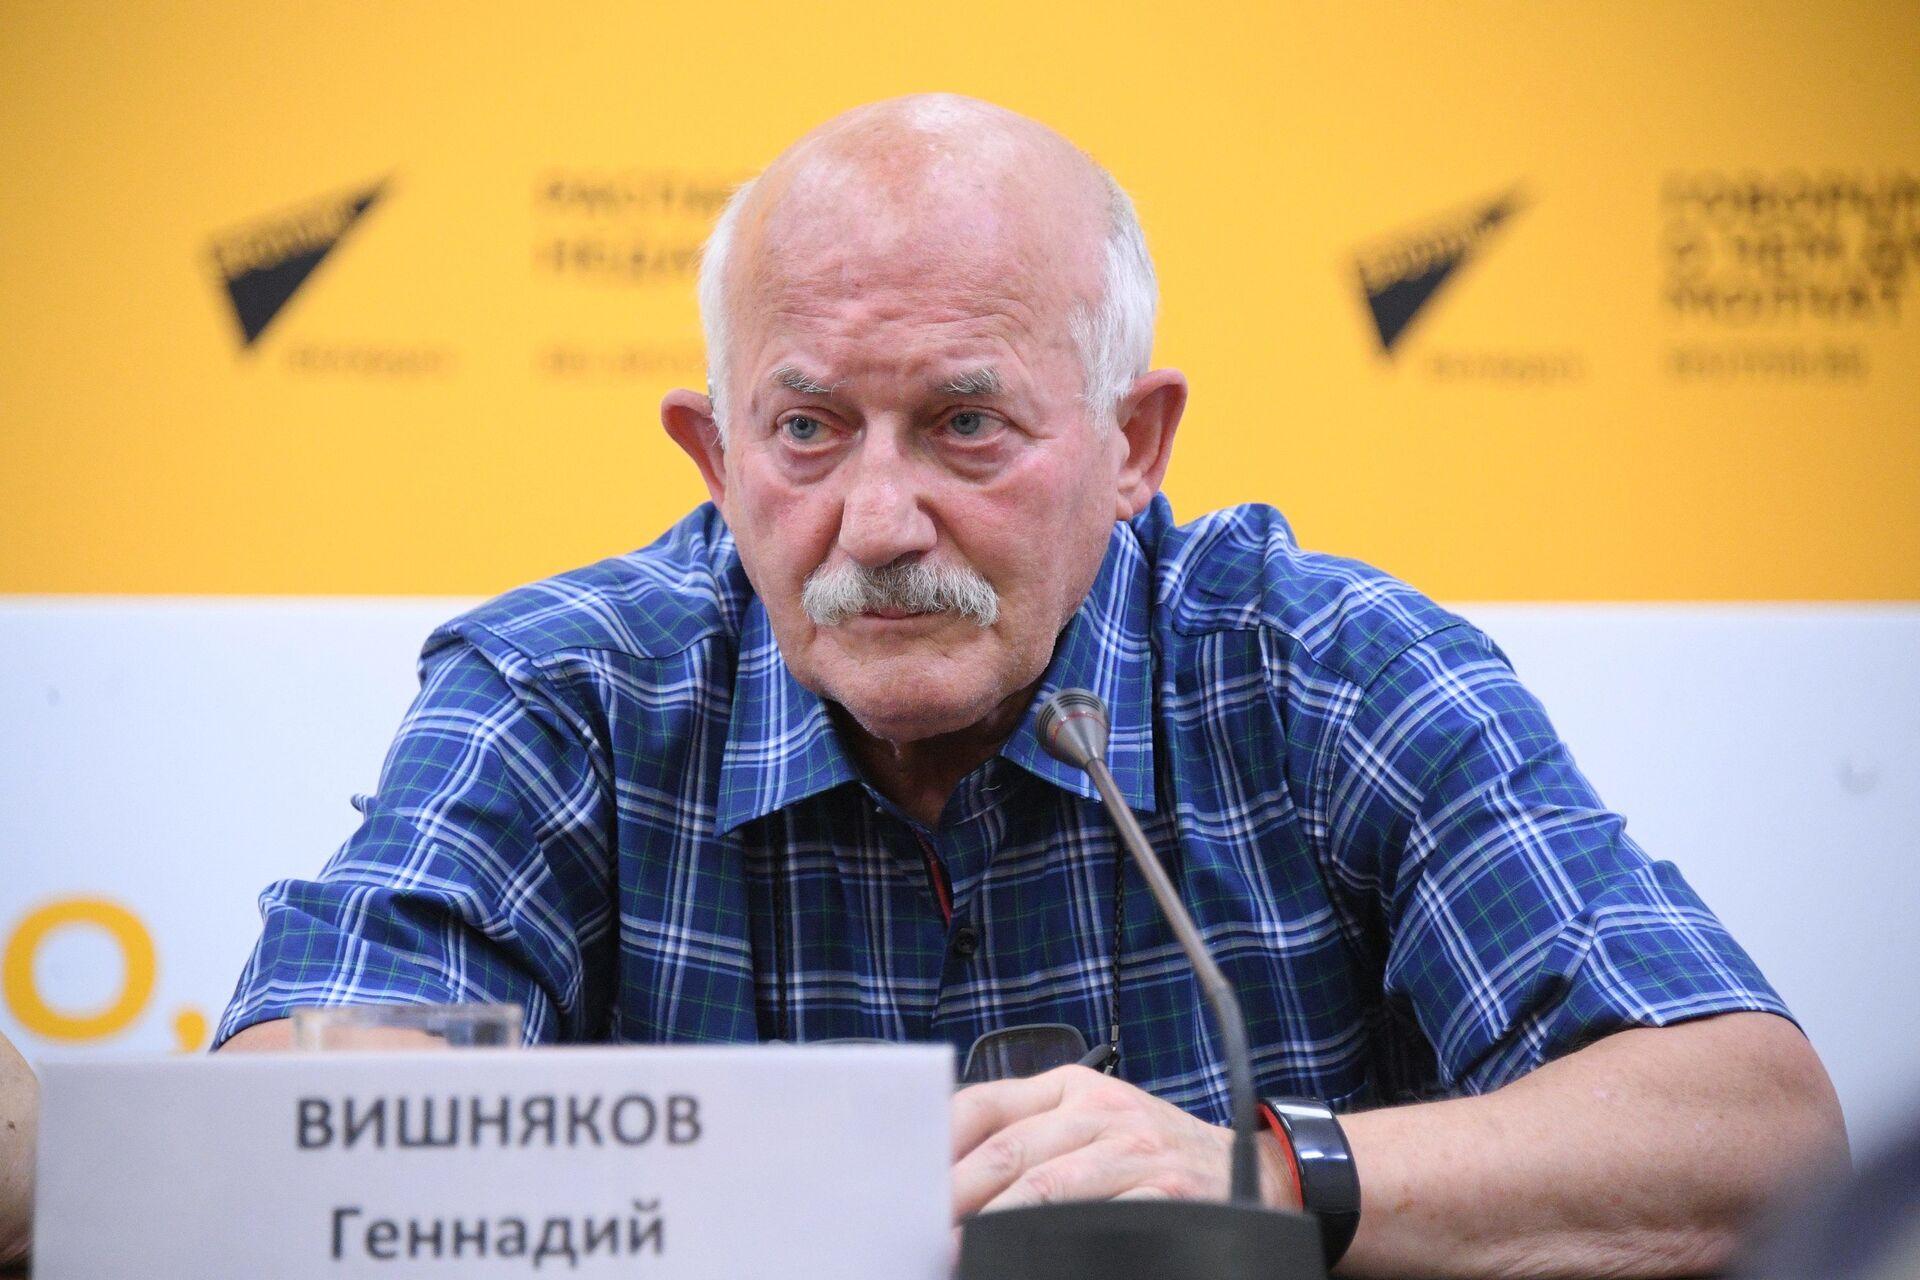 Старший тренер национальной команды по плаванию Геннадий Вишняков - Sputnik Беларусь, 1920, 29.06.2021